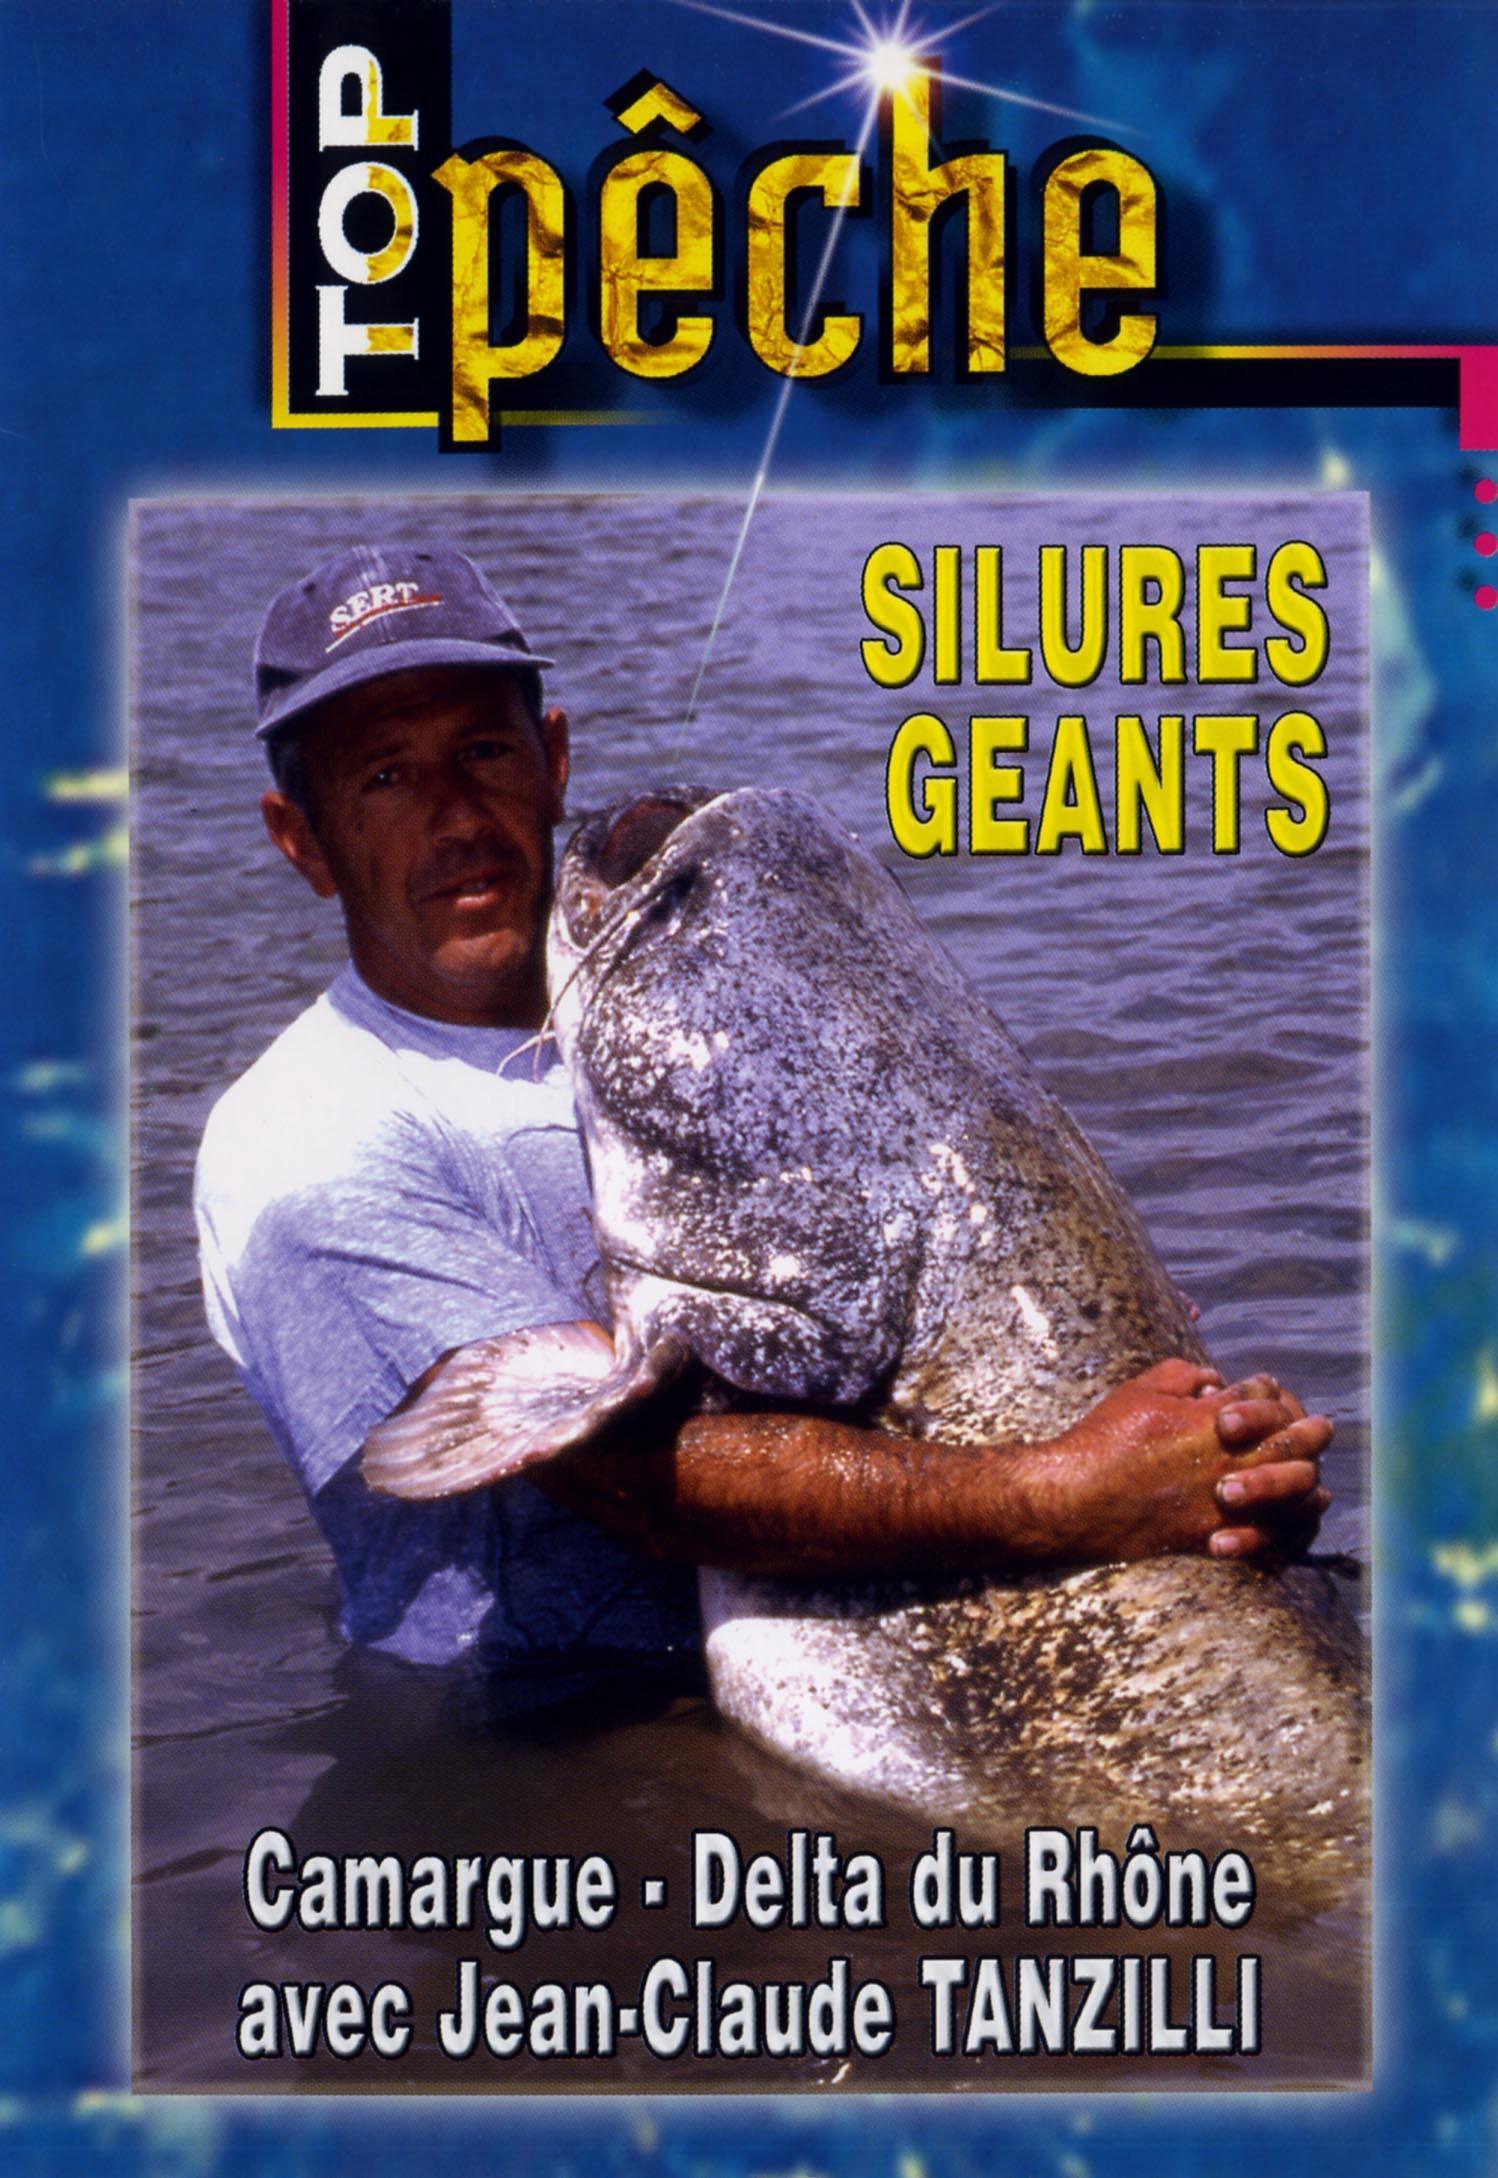 Top peche - silures geants - dvd